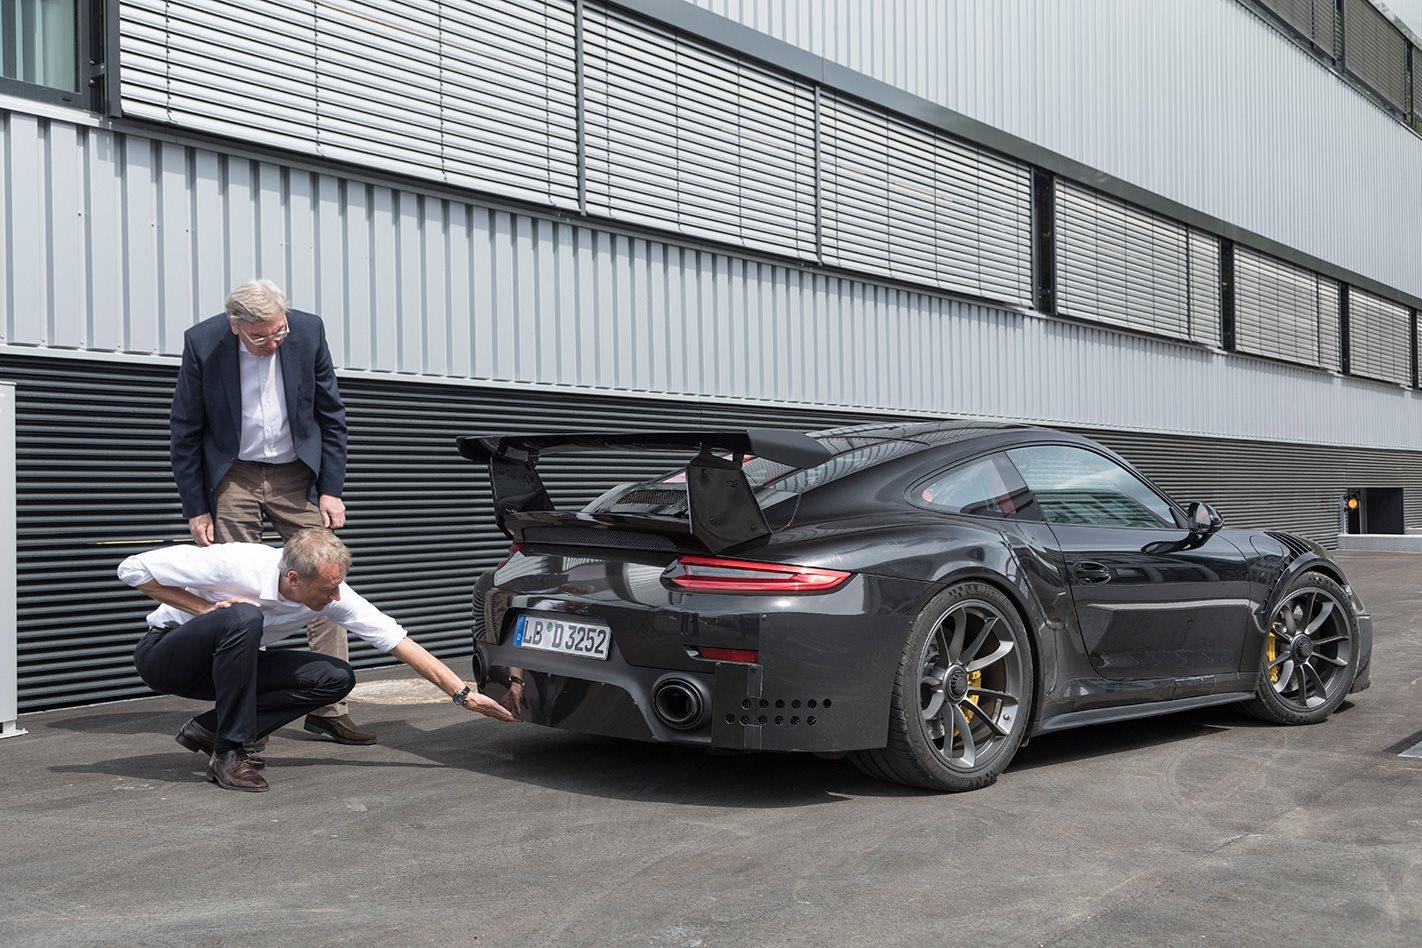 Owen Braun inspecting the 2018 Porsche 911 GT2 RS